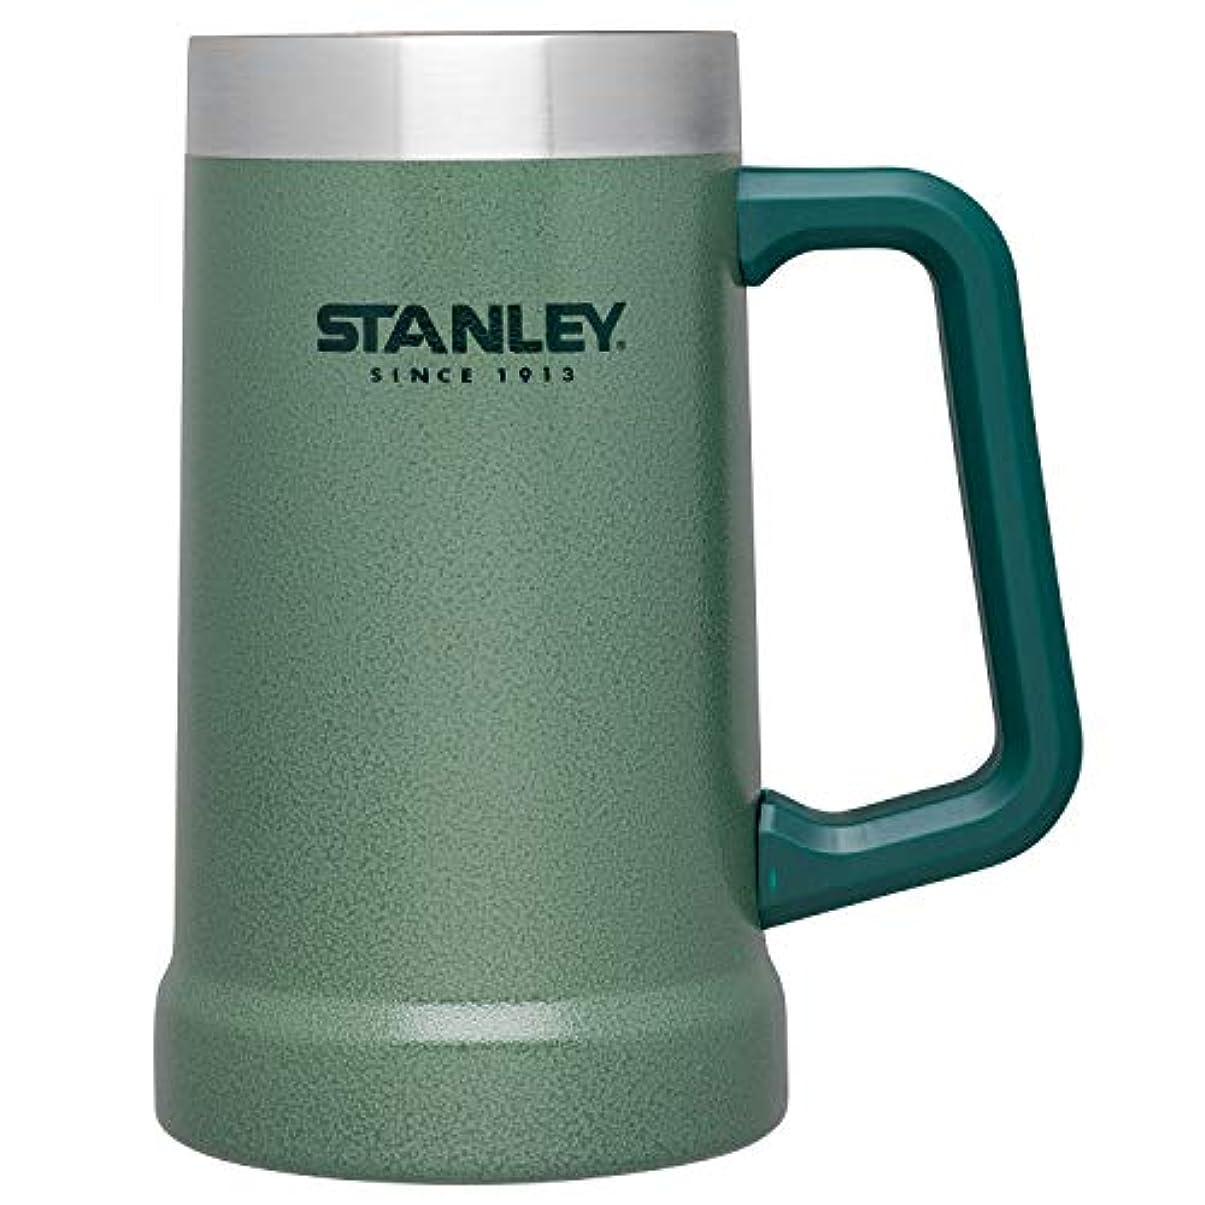 時期尚早甘くする居心地の良いSTANLEY(スタンレー) 真空ジョッキ 0.7L ビール 炭酸 保温 保冷 02874-021 (日本正規品)